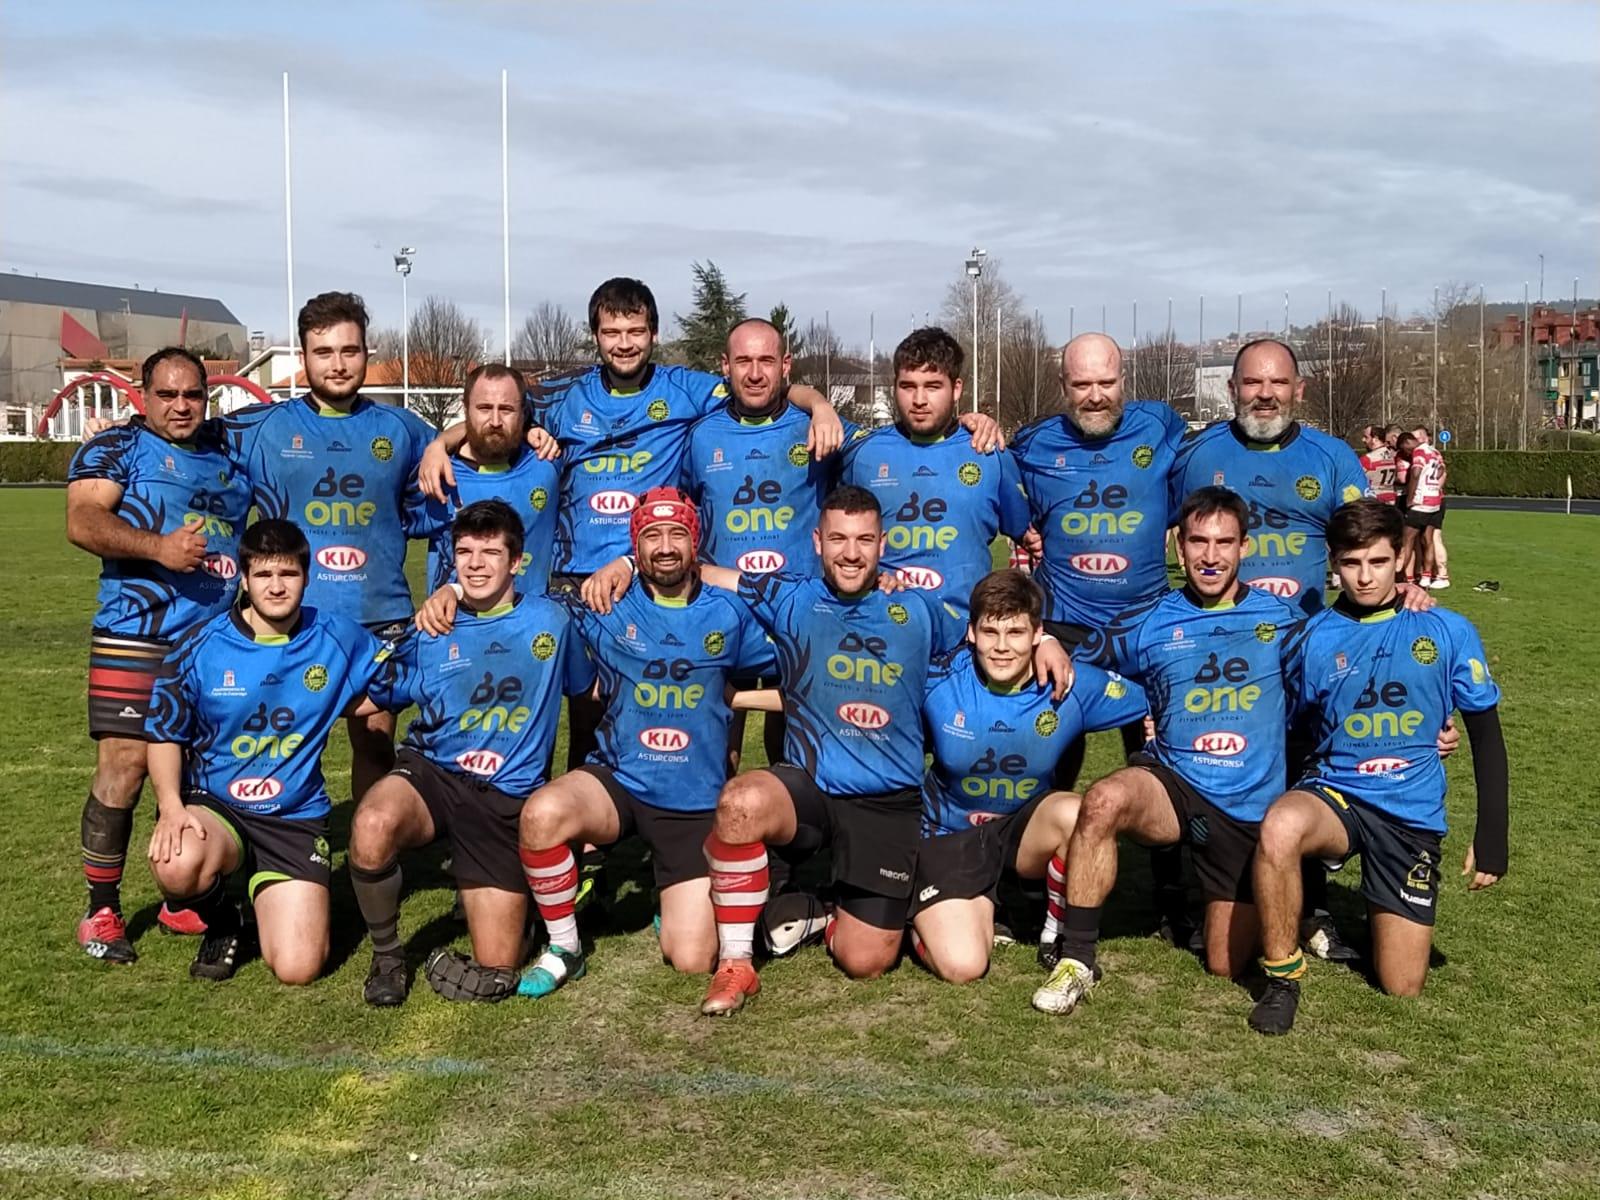 Derrota del Beone Rugby en su visita al Gijón Rugby Club